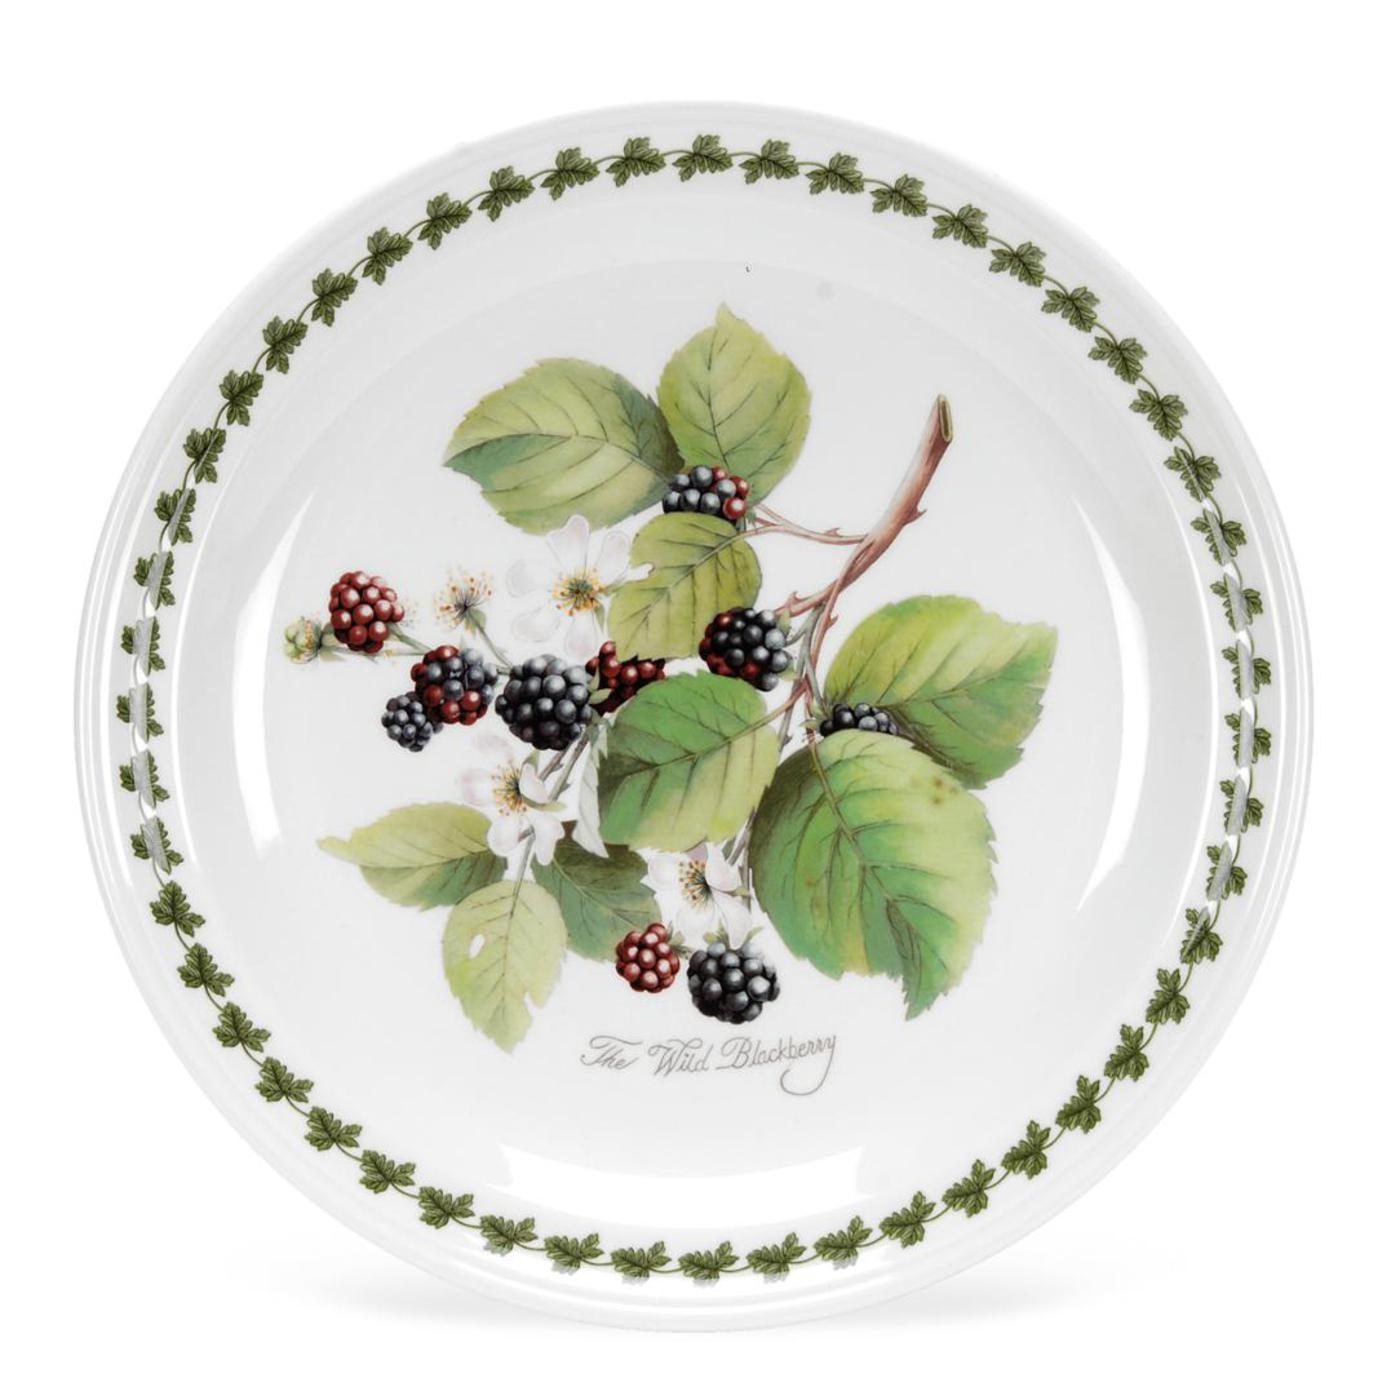 Portmeirion Pomona Set of 6 Dinner Plates - Portmeirion USA  sc 1 st  Plate Dish. & Portmeirion Pomona Dinner Plates. Portmeirion Pomona Dinner Plate ...